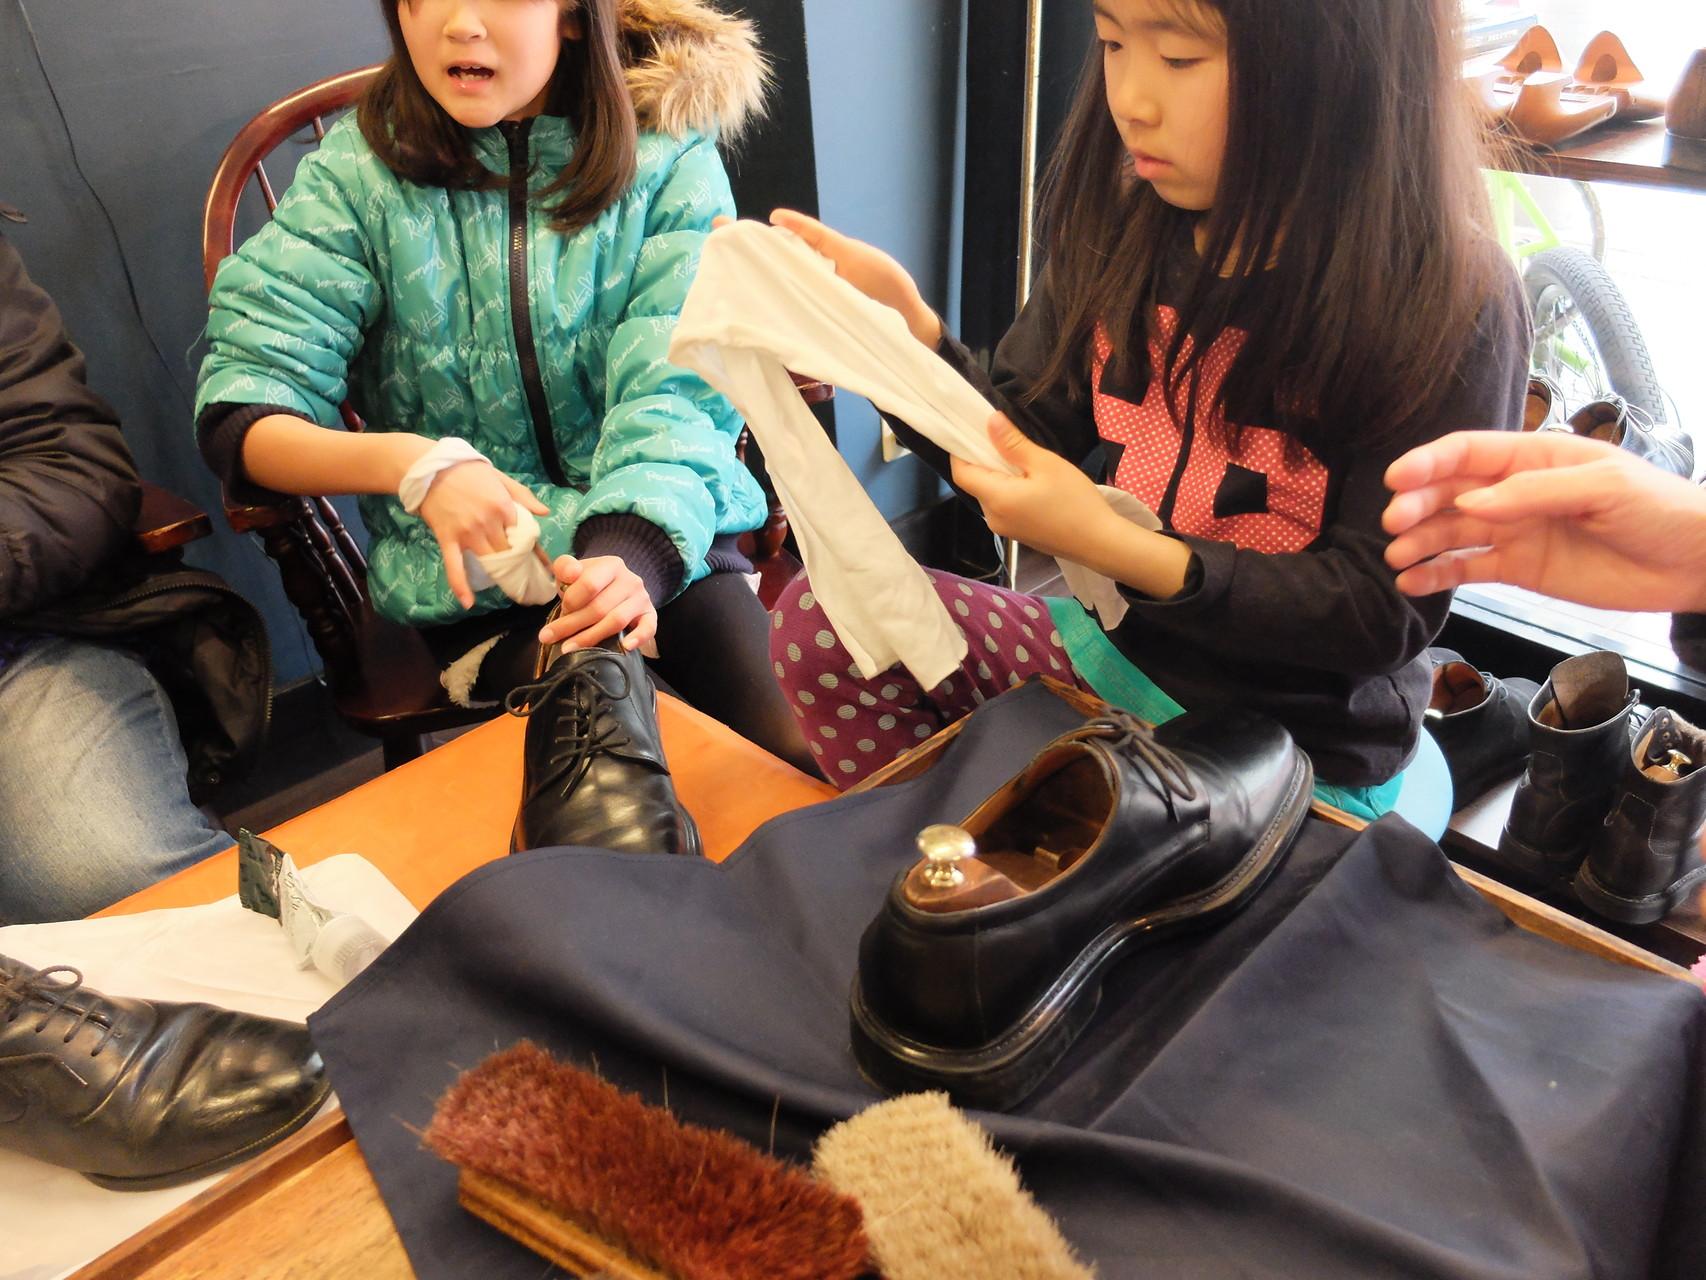 小さな手でお父さんの大きい靴を磨くのは大変!